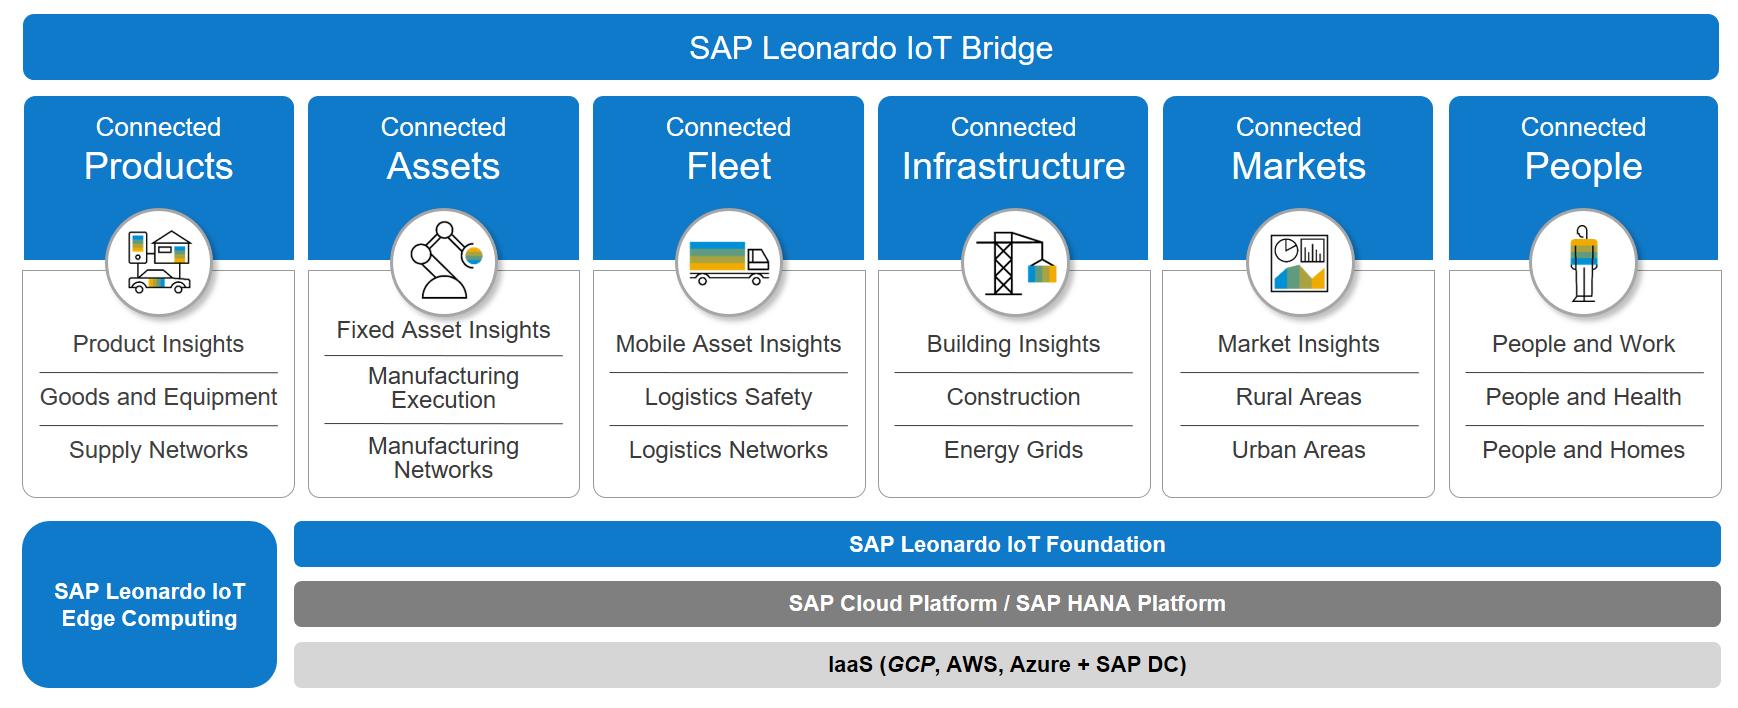 SAP-Leonardo-IoT